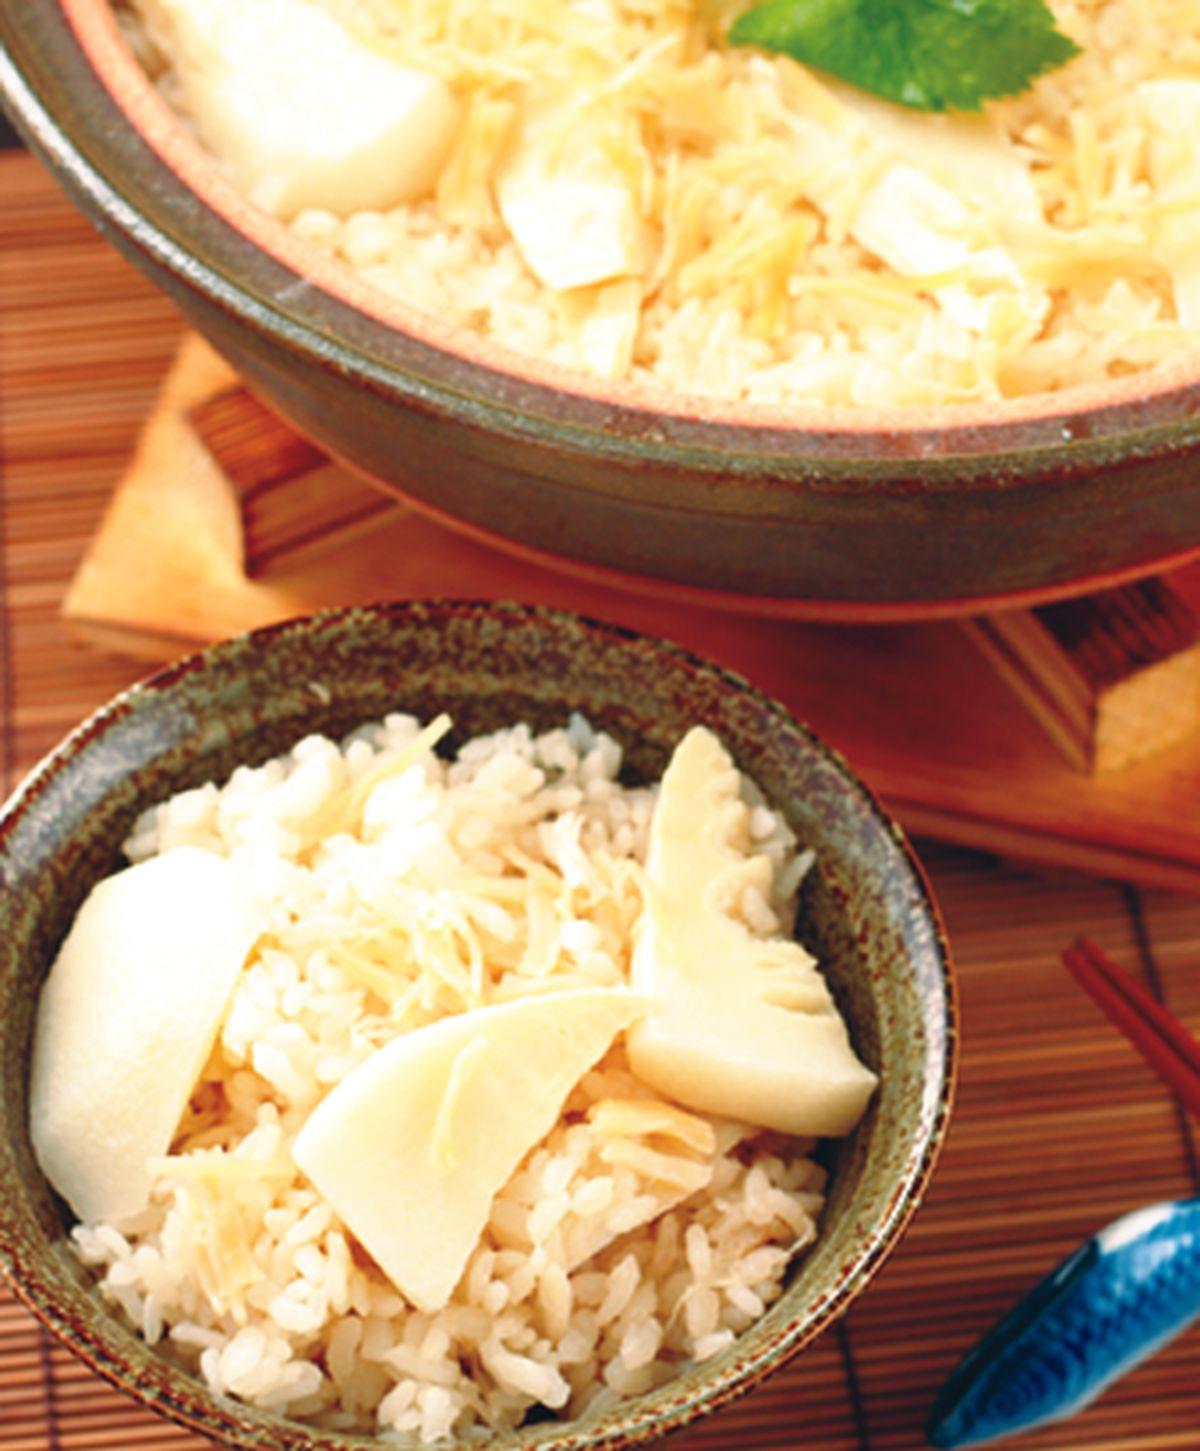 食譜:竹筍干貝土鍋飯